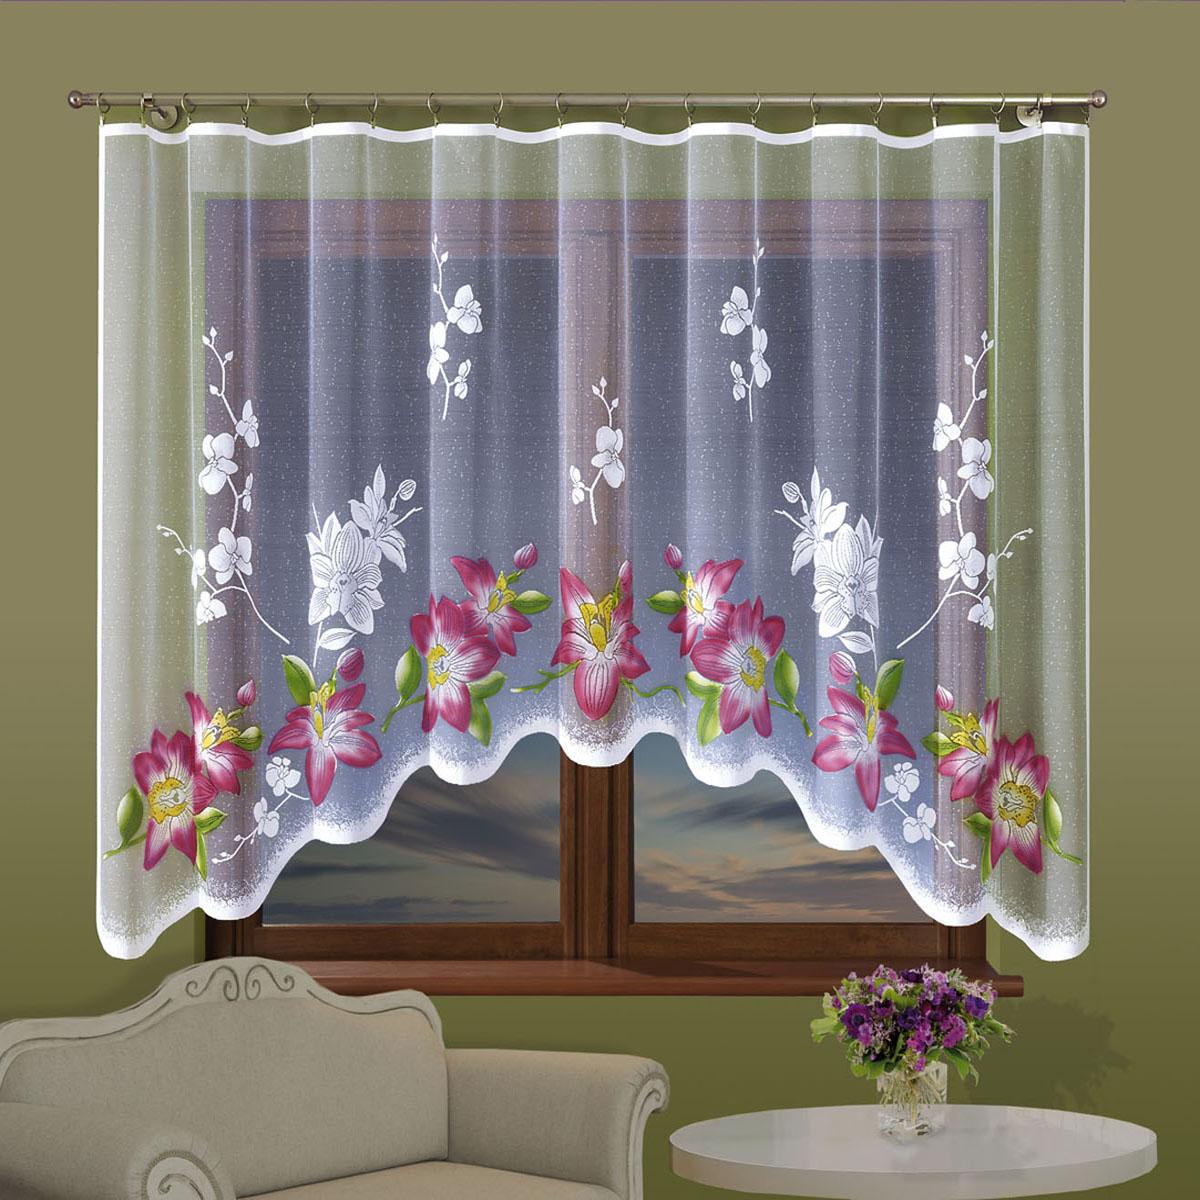 Гардина Wisan, цвет: белый, ширина 300 см, высота 160 см. 702Е702ЕГардина жаккардовая, крепление зажимы для штор.Размеры: 300*160